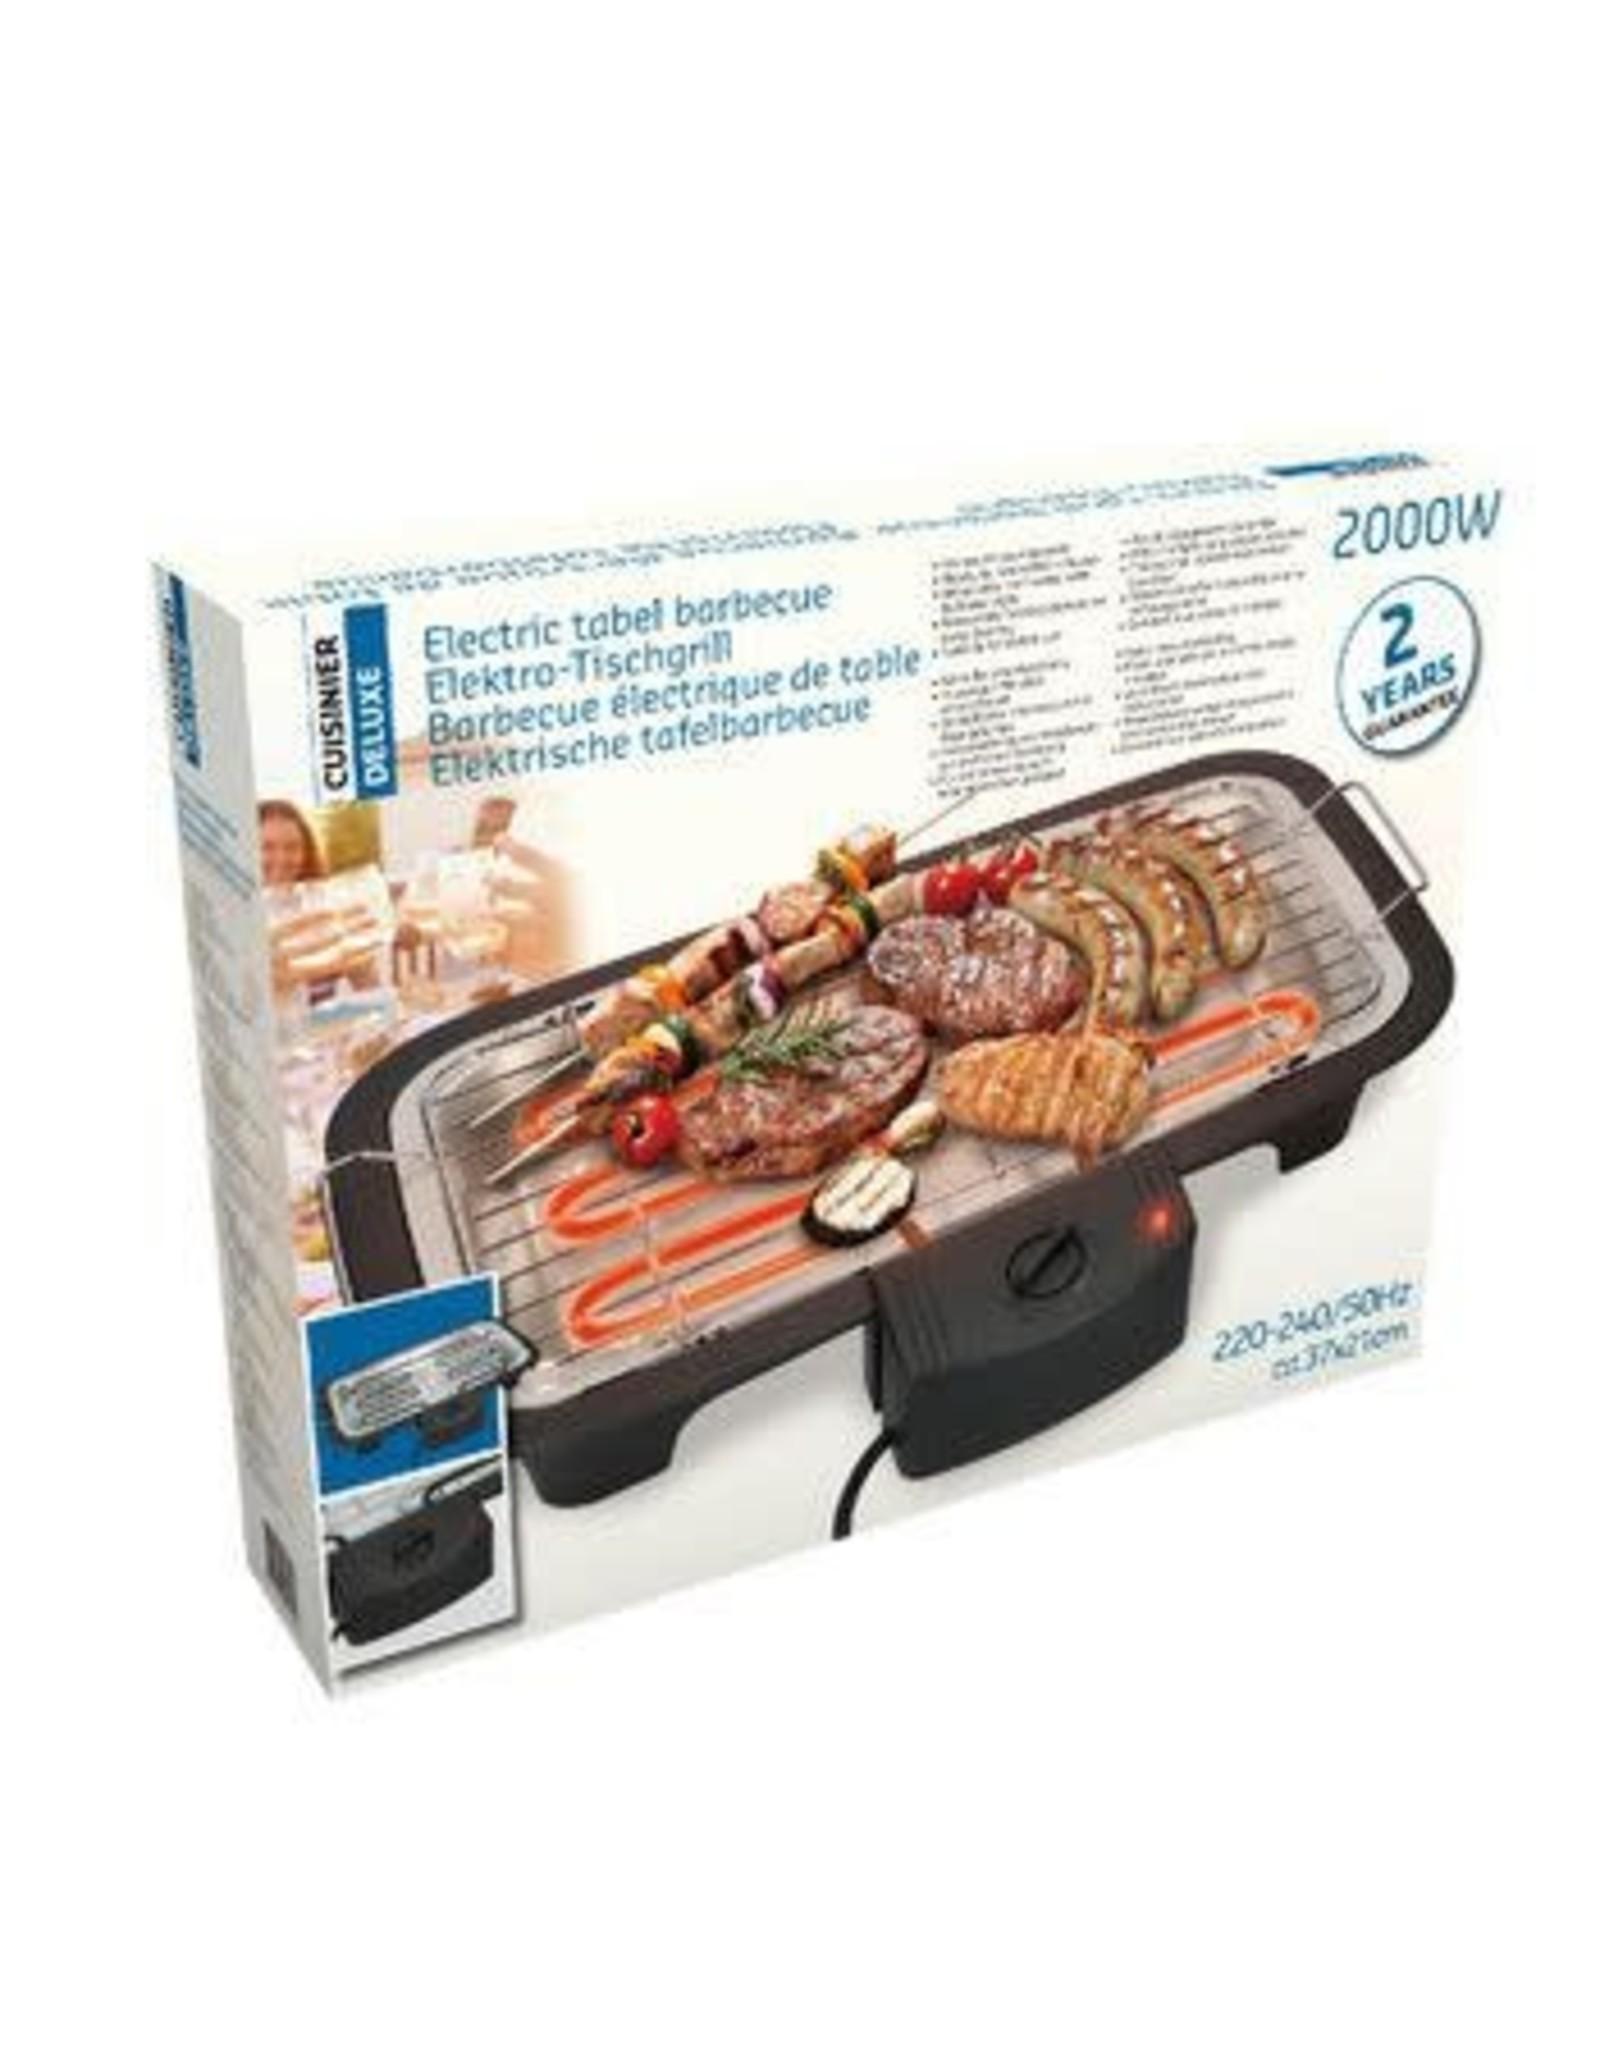 CUISINE Cuisine Deluxe Elektrische Tafelbarbecue - 2000w